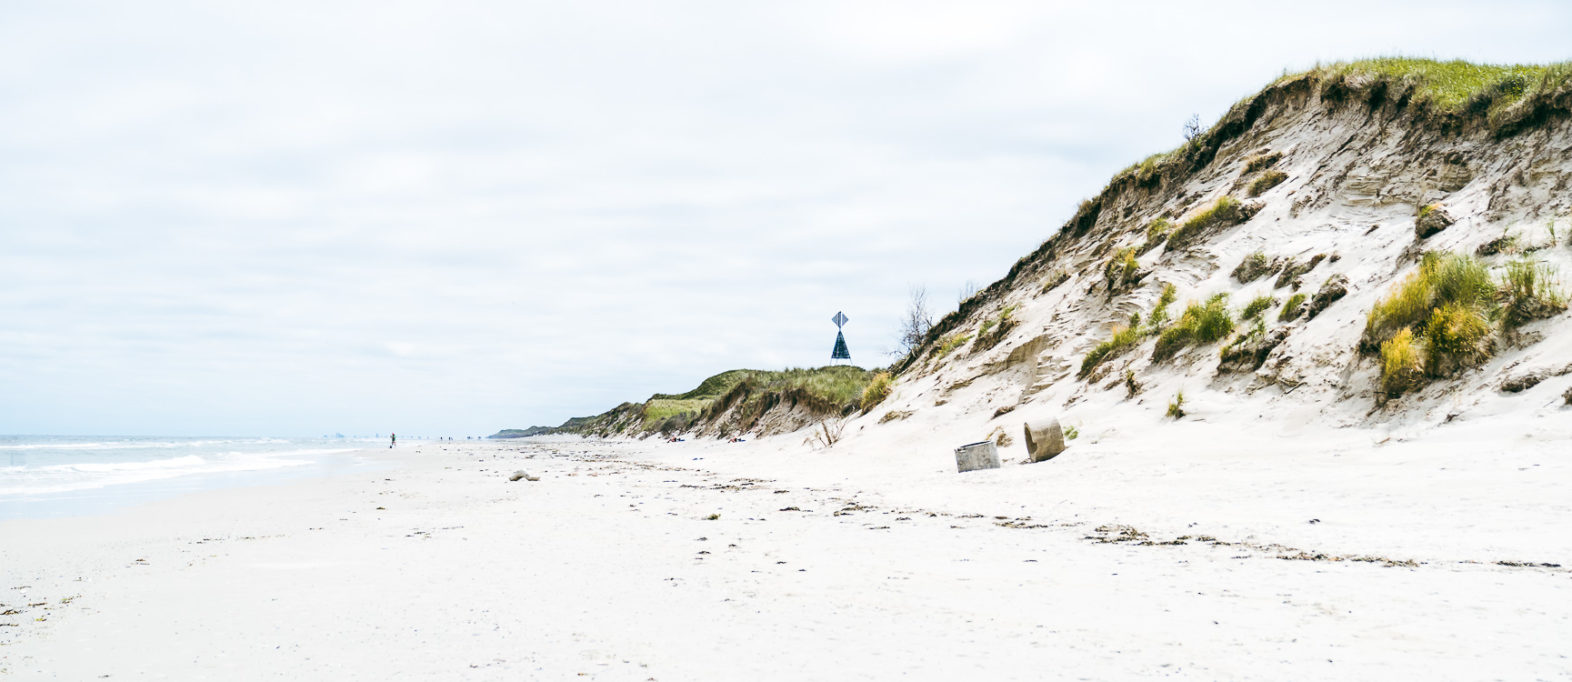 Nordsee Insel Juist Sehenswürdigkeiten & Tipps